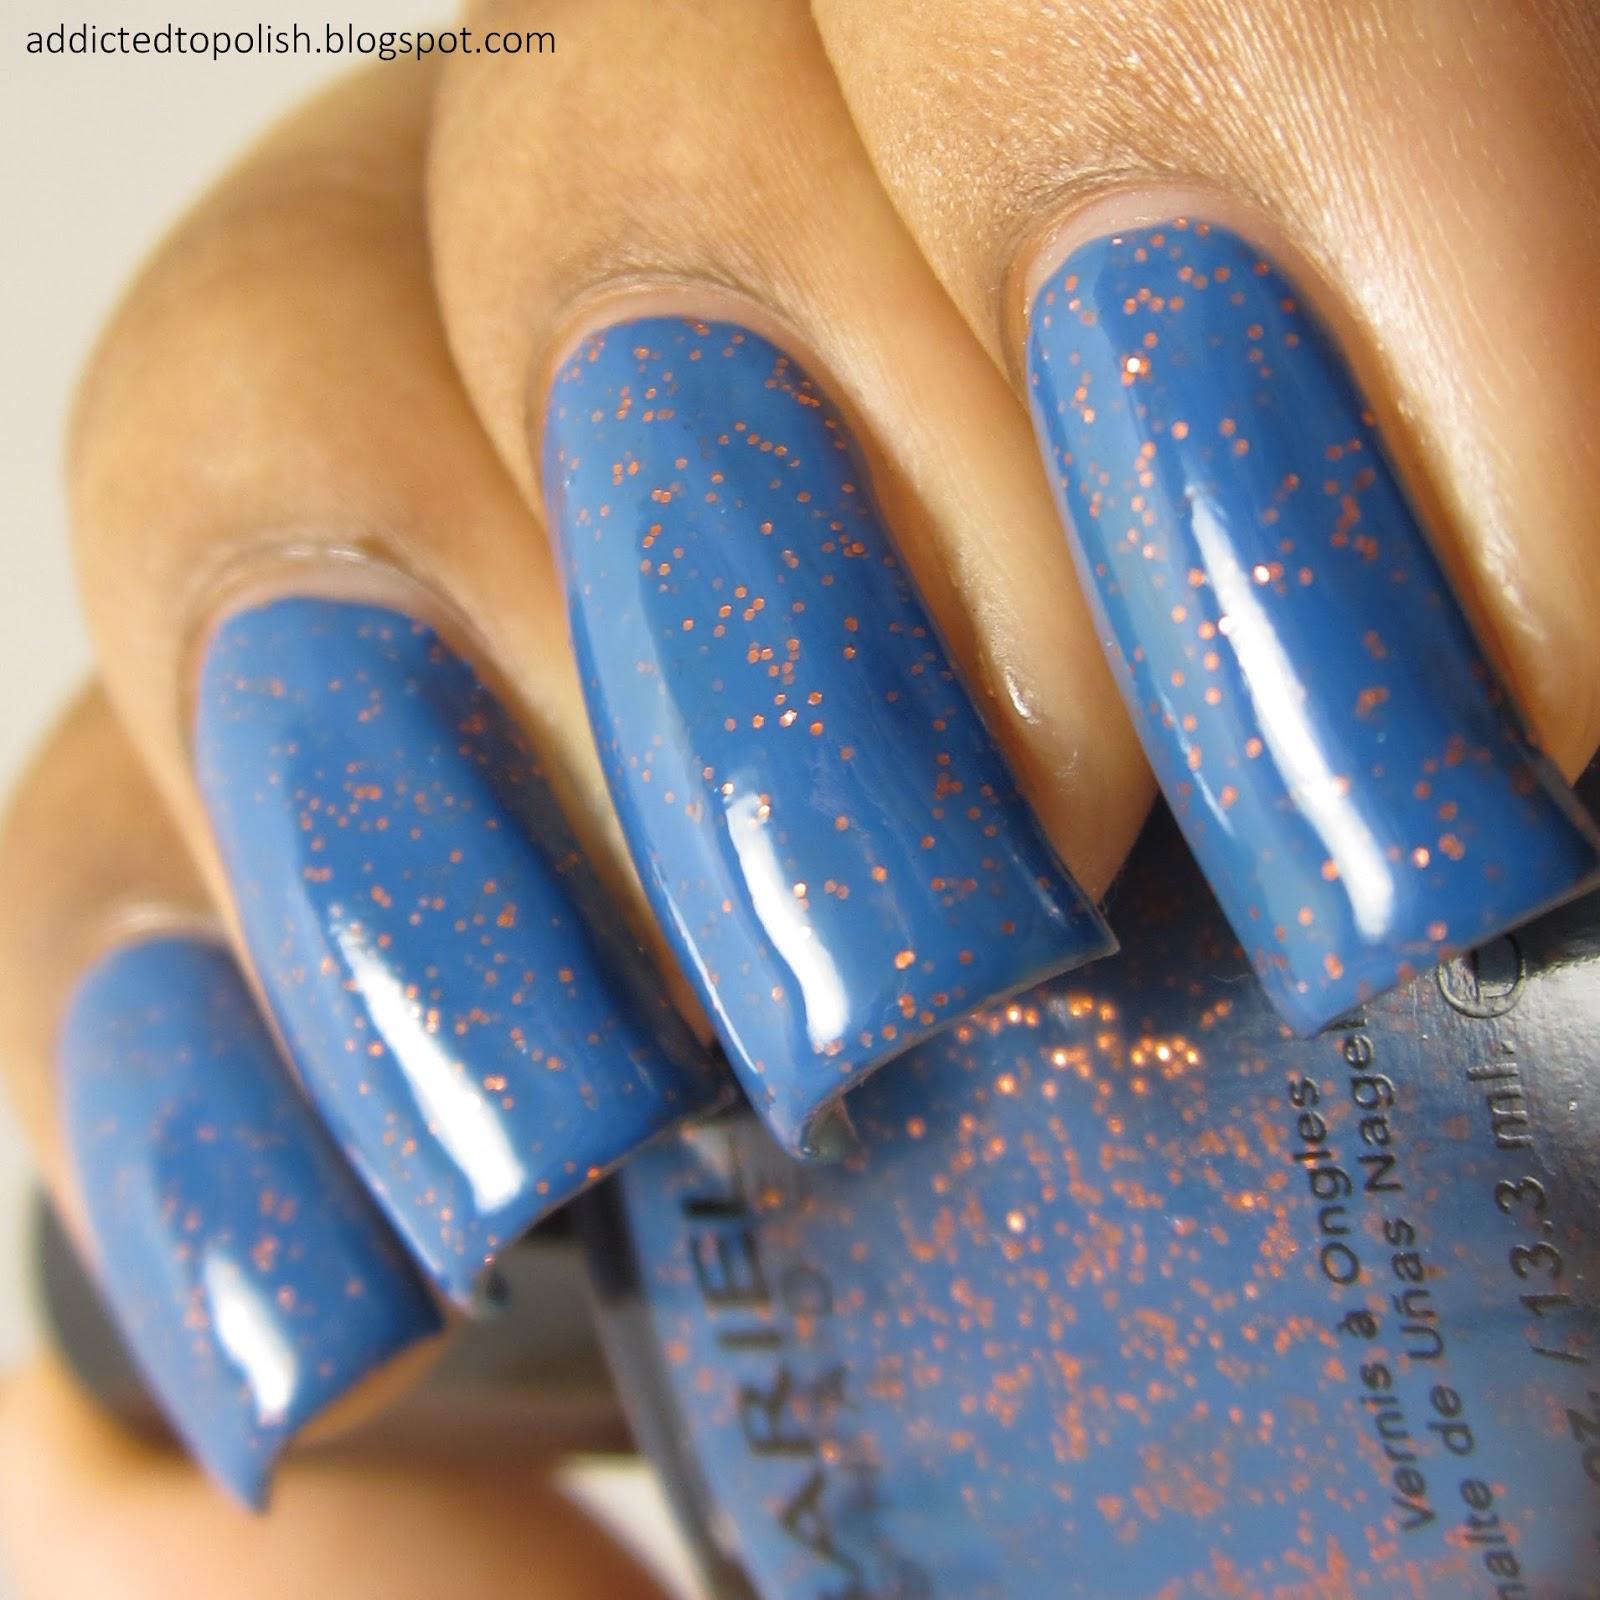 barielle-falling-star-nail-polish